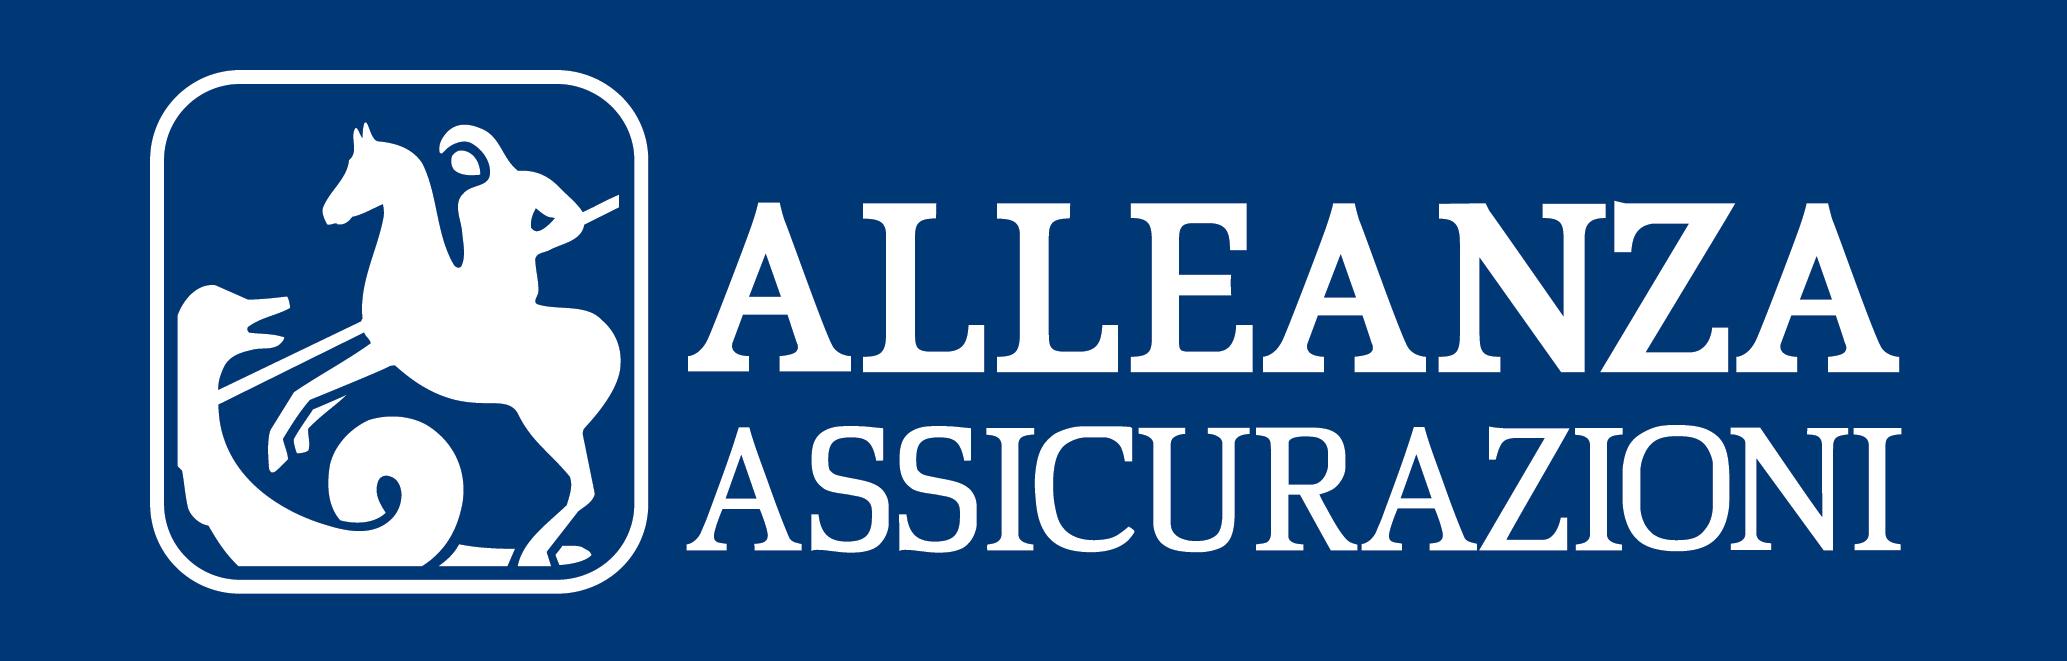 Alleanza Assicurazioni